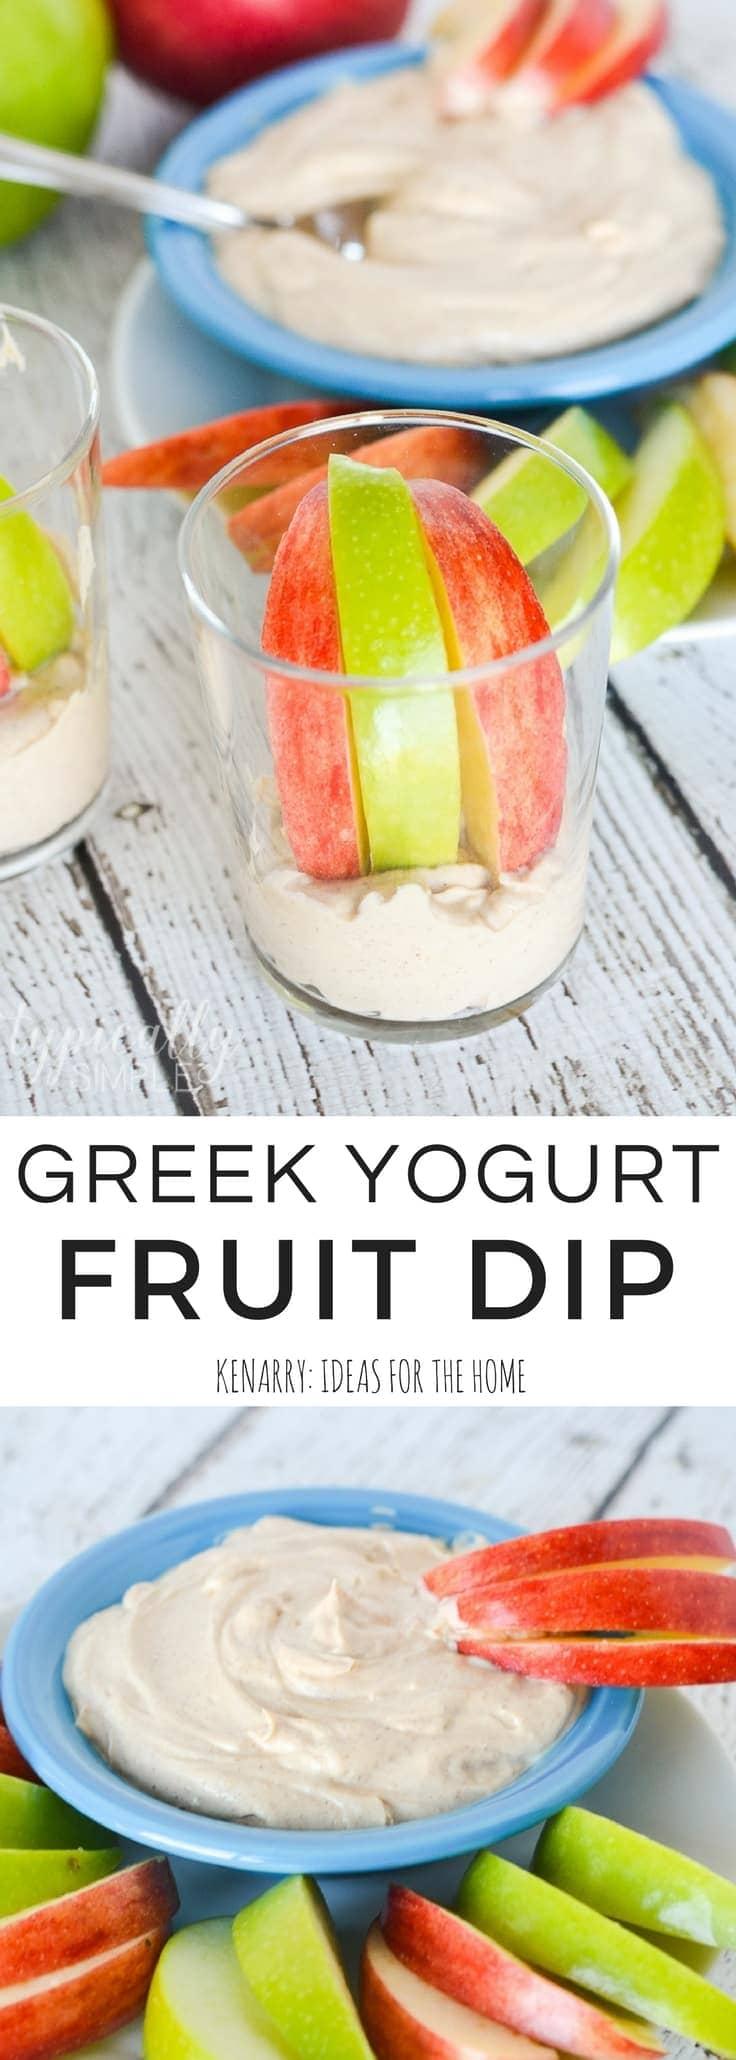 greek yogurt fruit dip served with apples